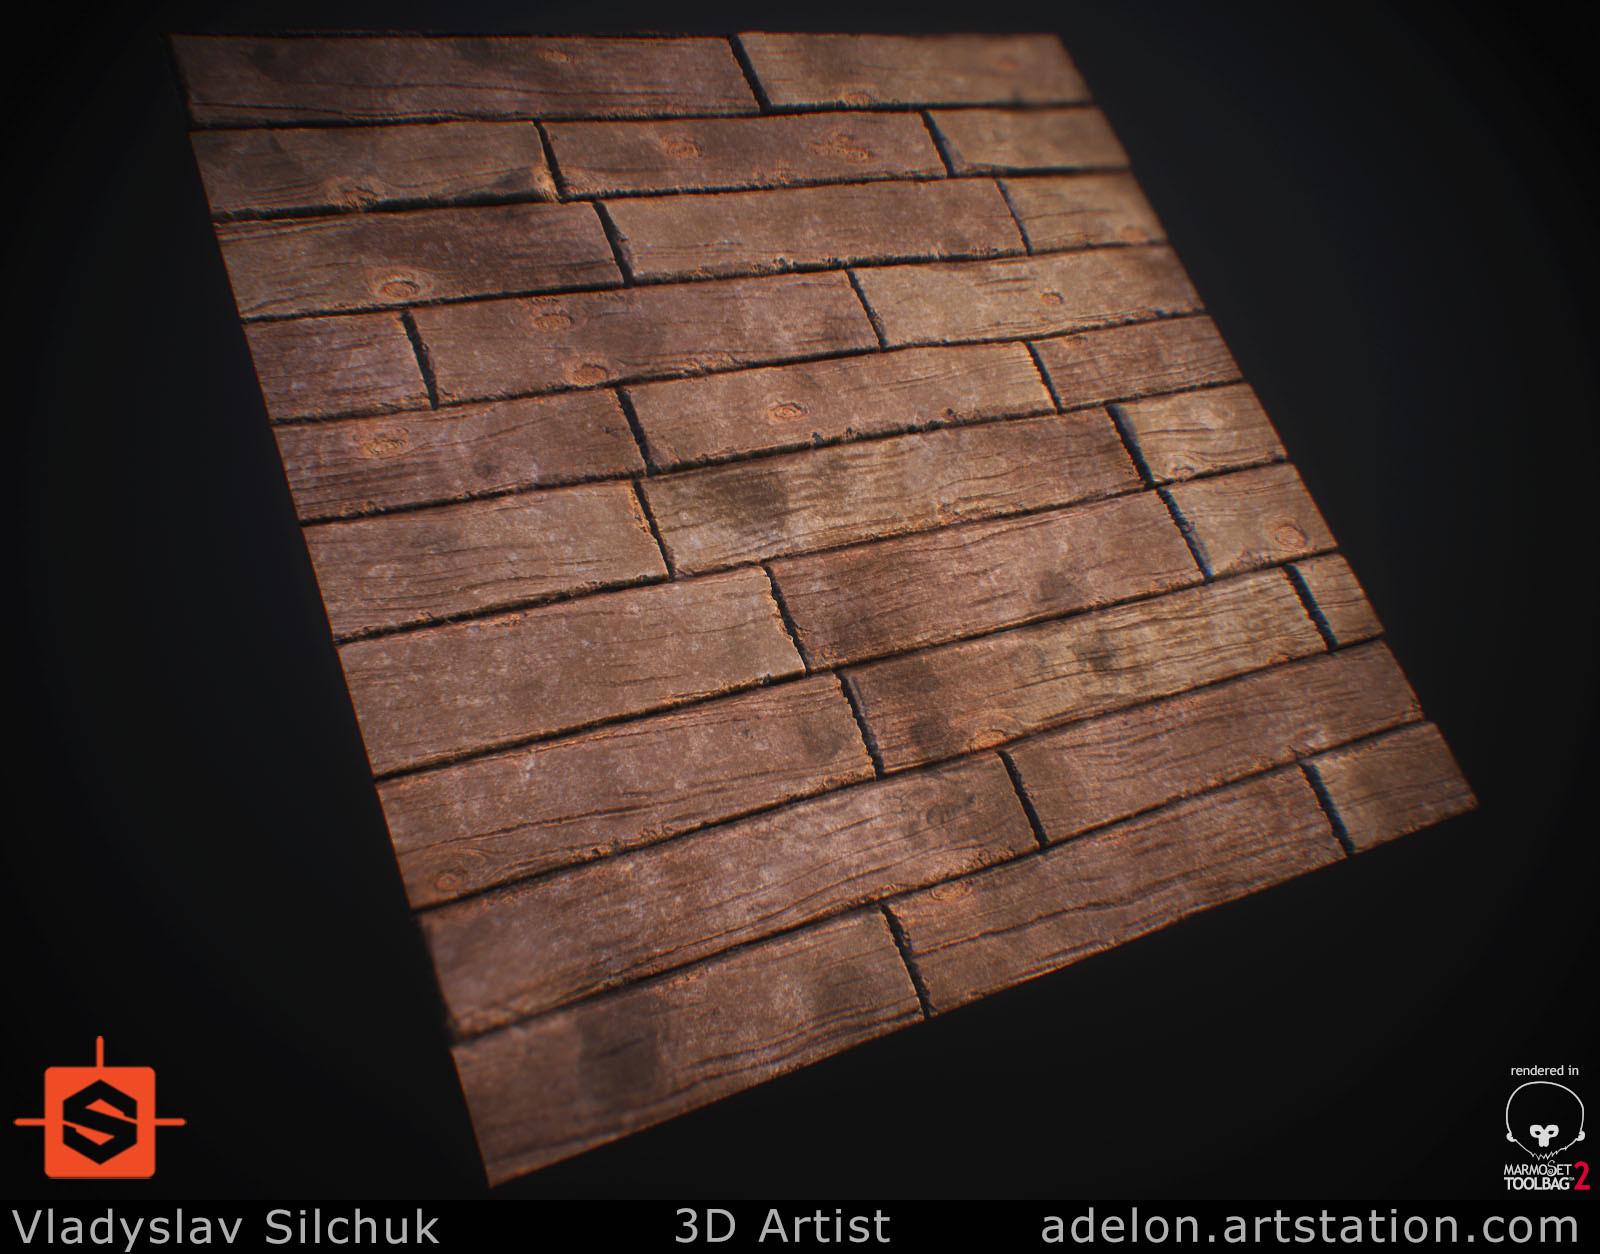 Vladyslav silchuk vladyslav silchuk wooden planks 2